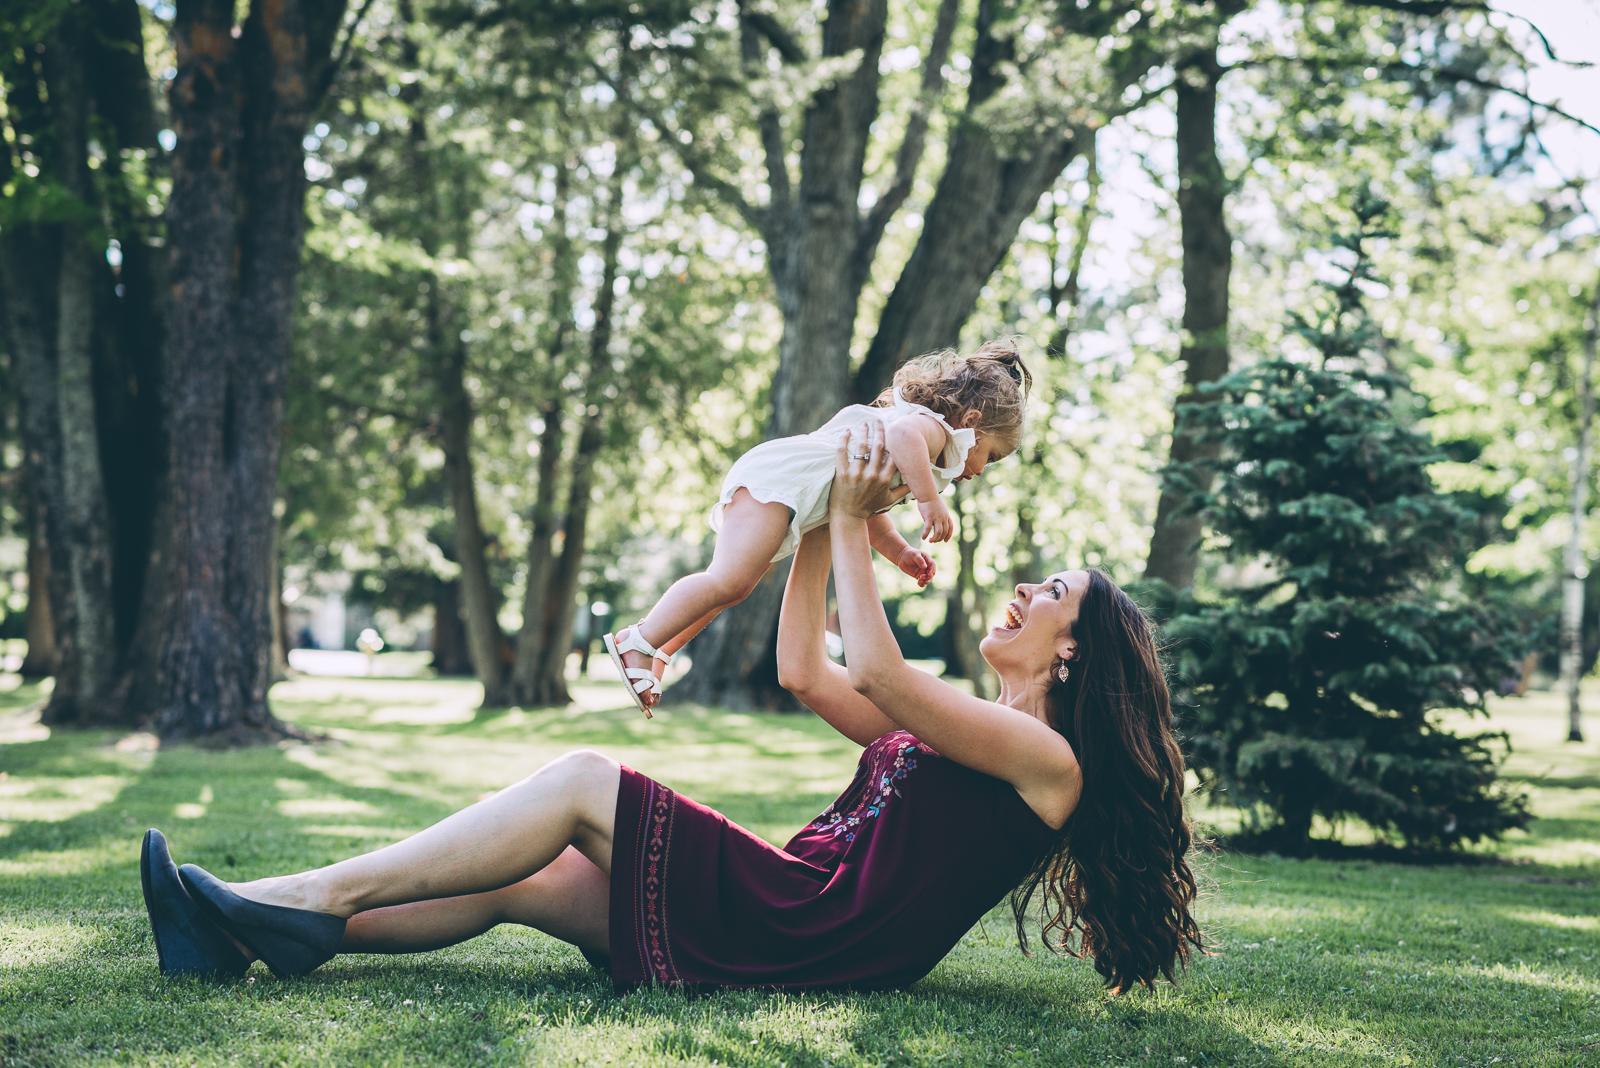 katelyn_family_portraits_blog-18.jpg